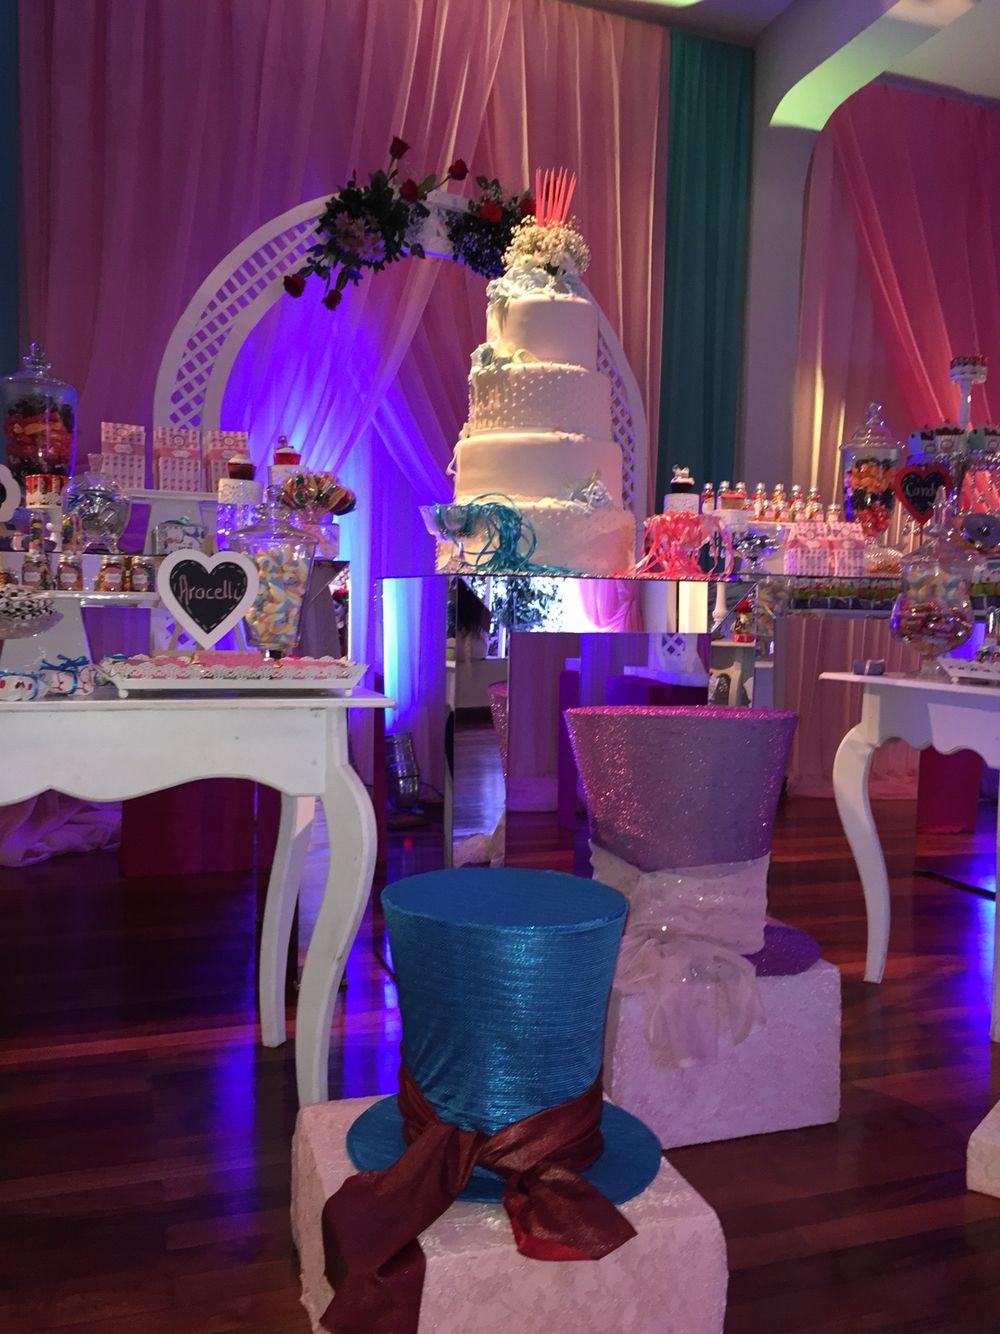 Cumpleaños 15 Años Temática Alicia En El País De Las Maravillas Alice In Wonderland Party Birthday Parties Birthday Party Decorations